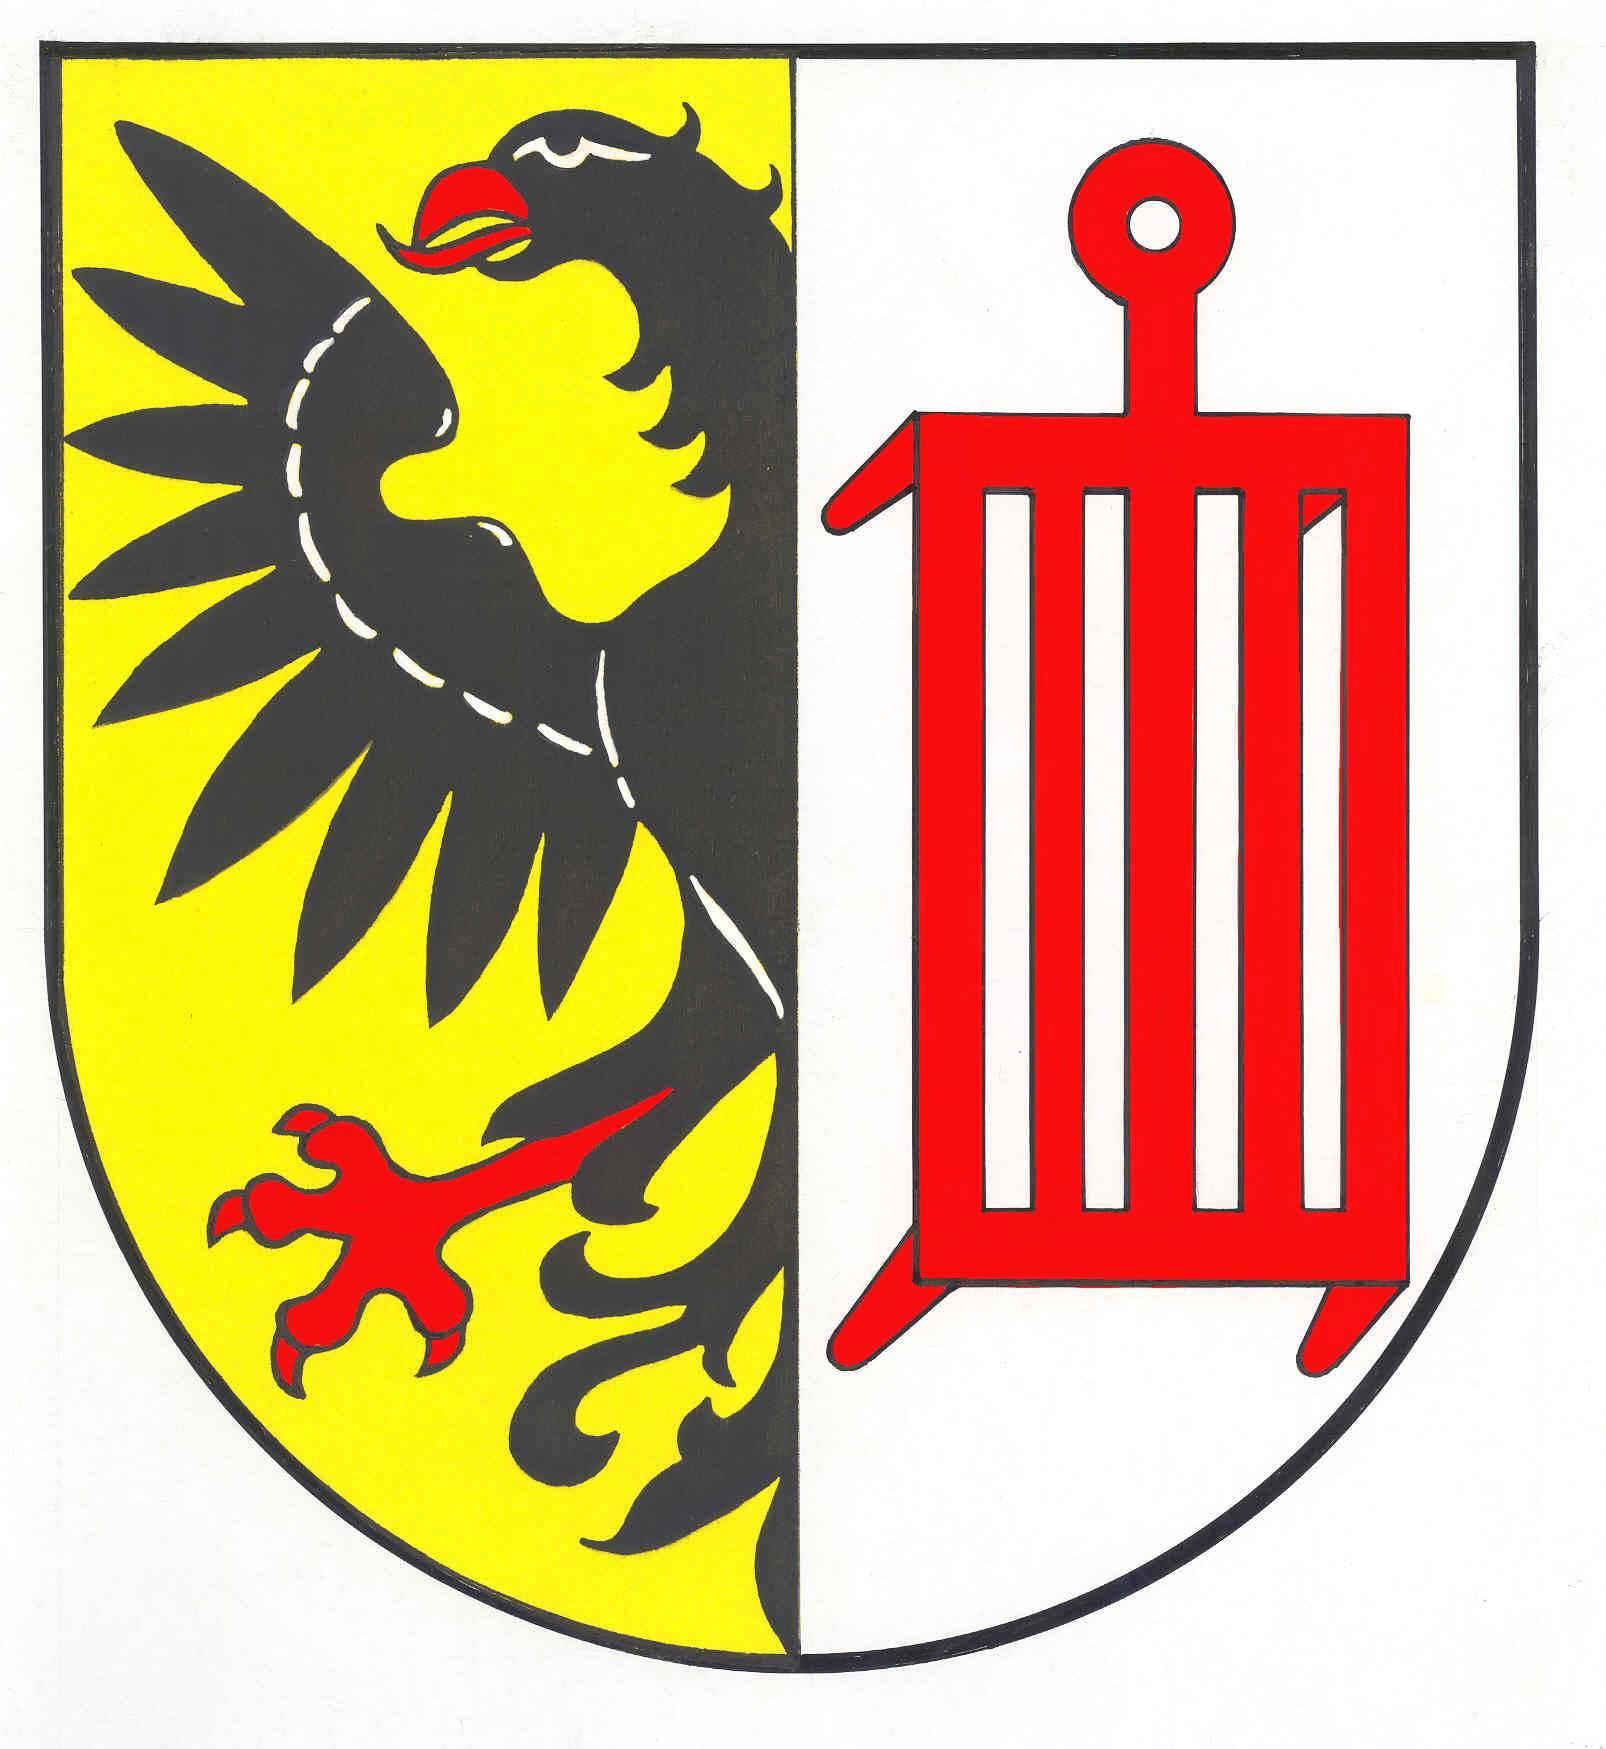 Wappen GemeindeLunden, Kreis Dithmarschen